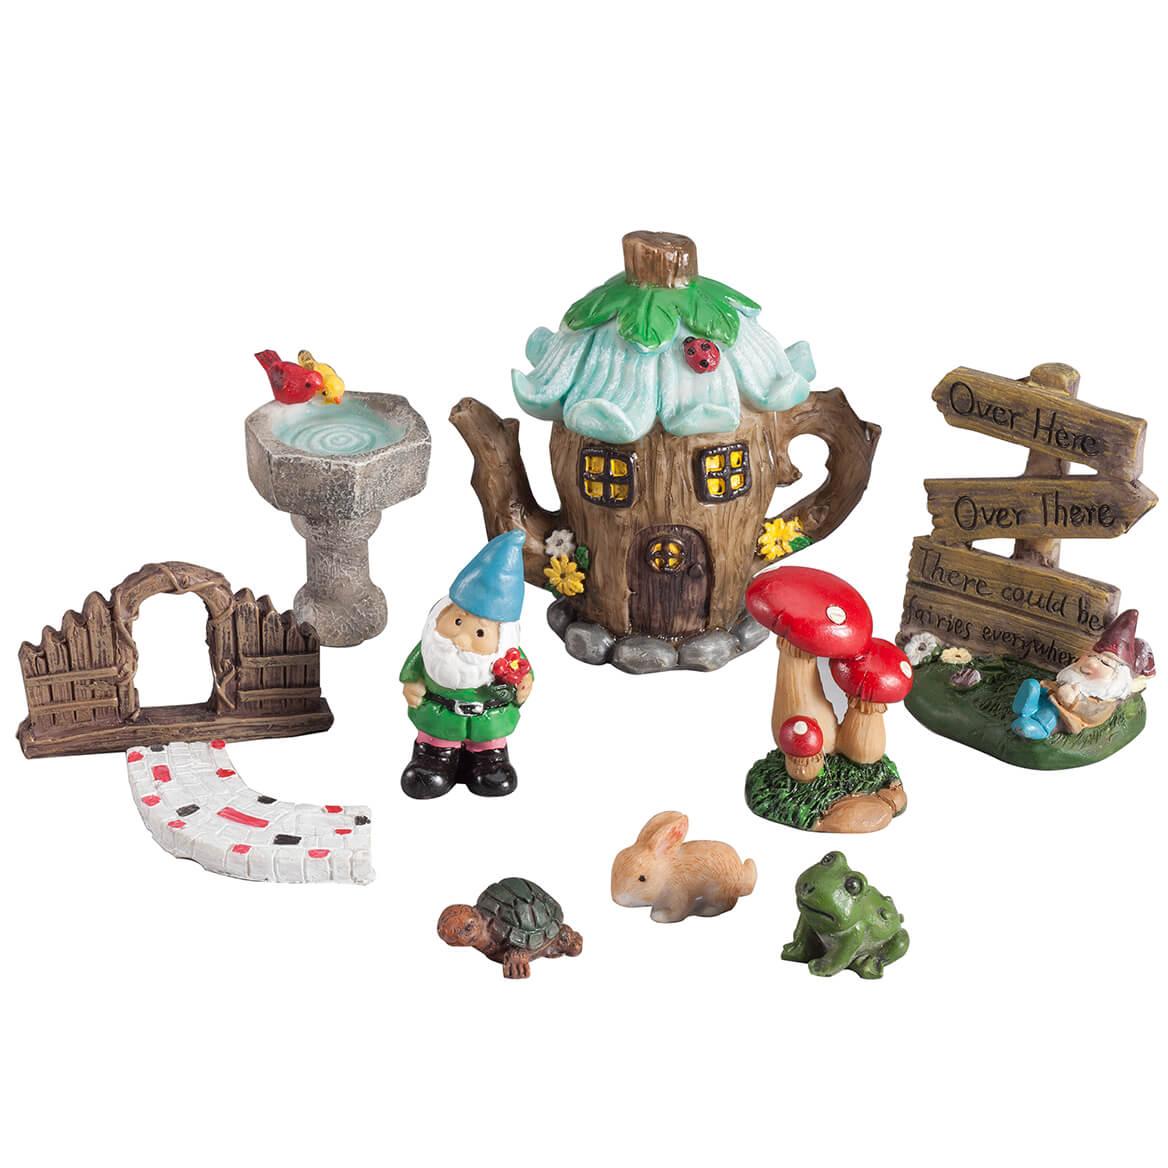 Gnome In Garden: Miniature Fairy & Garden Gnome Figurines & Accessories, 10